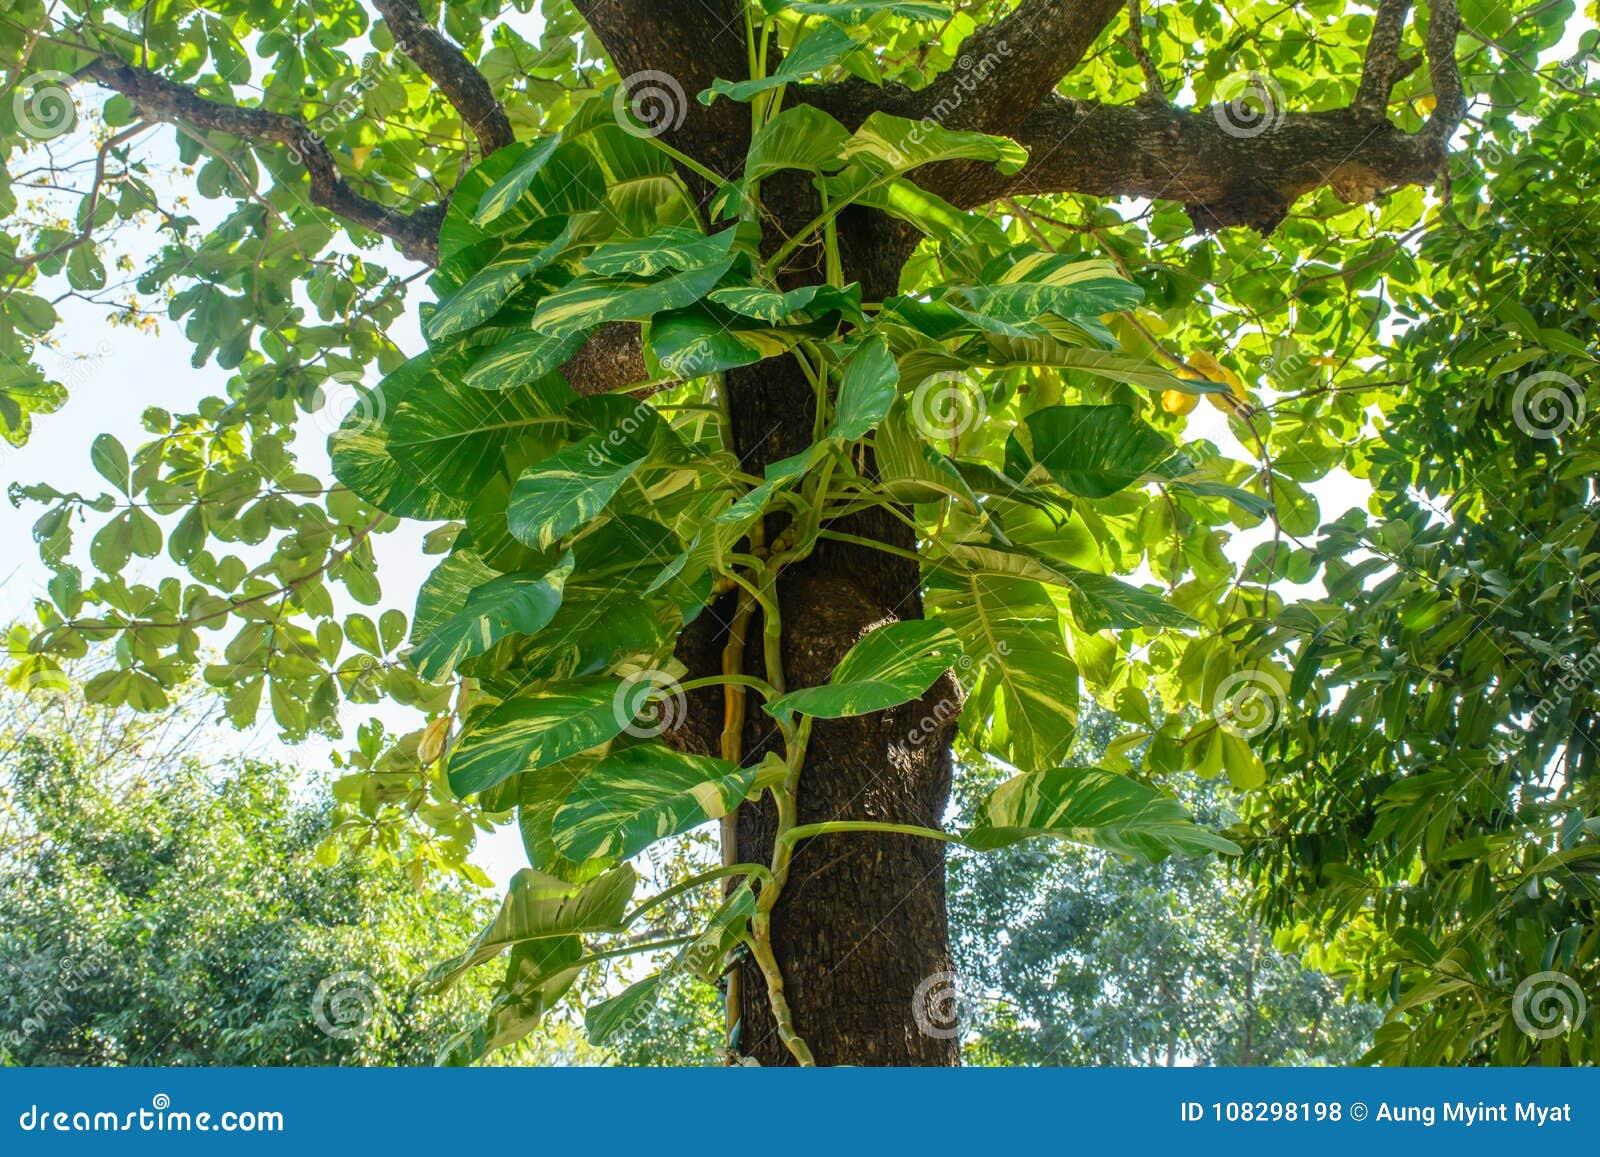 Foto av vinrankor för guld- pothos på trädet